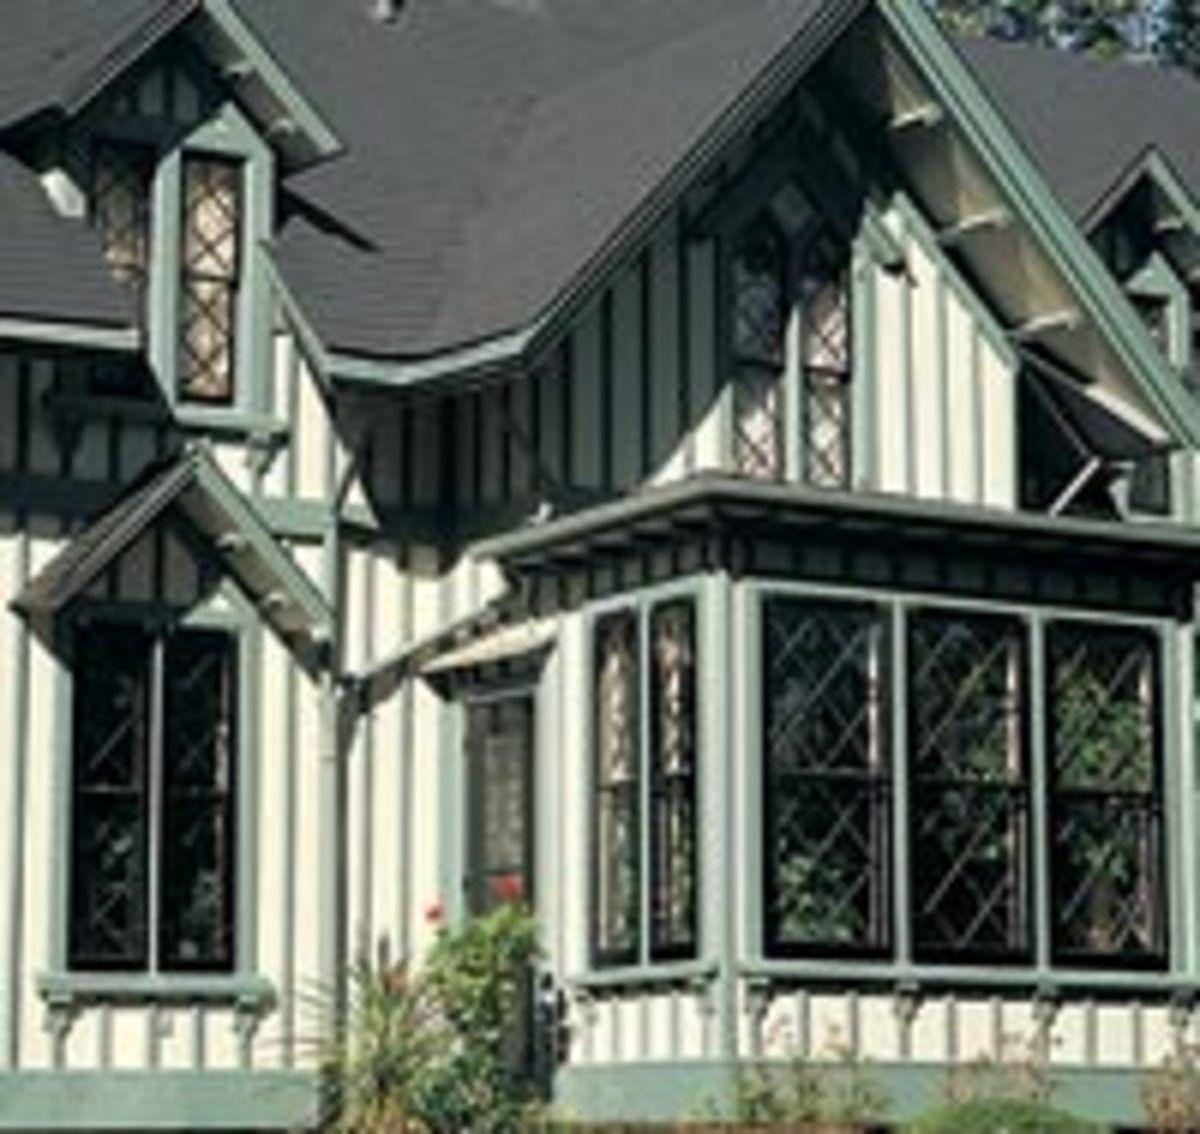 Cedar Board And Batten Siding Ontario Windowsmade By Hoffmeyer S As Was The Board Batten Cedar Homes Cedar Vinyl Siding Board And Batten Exterior